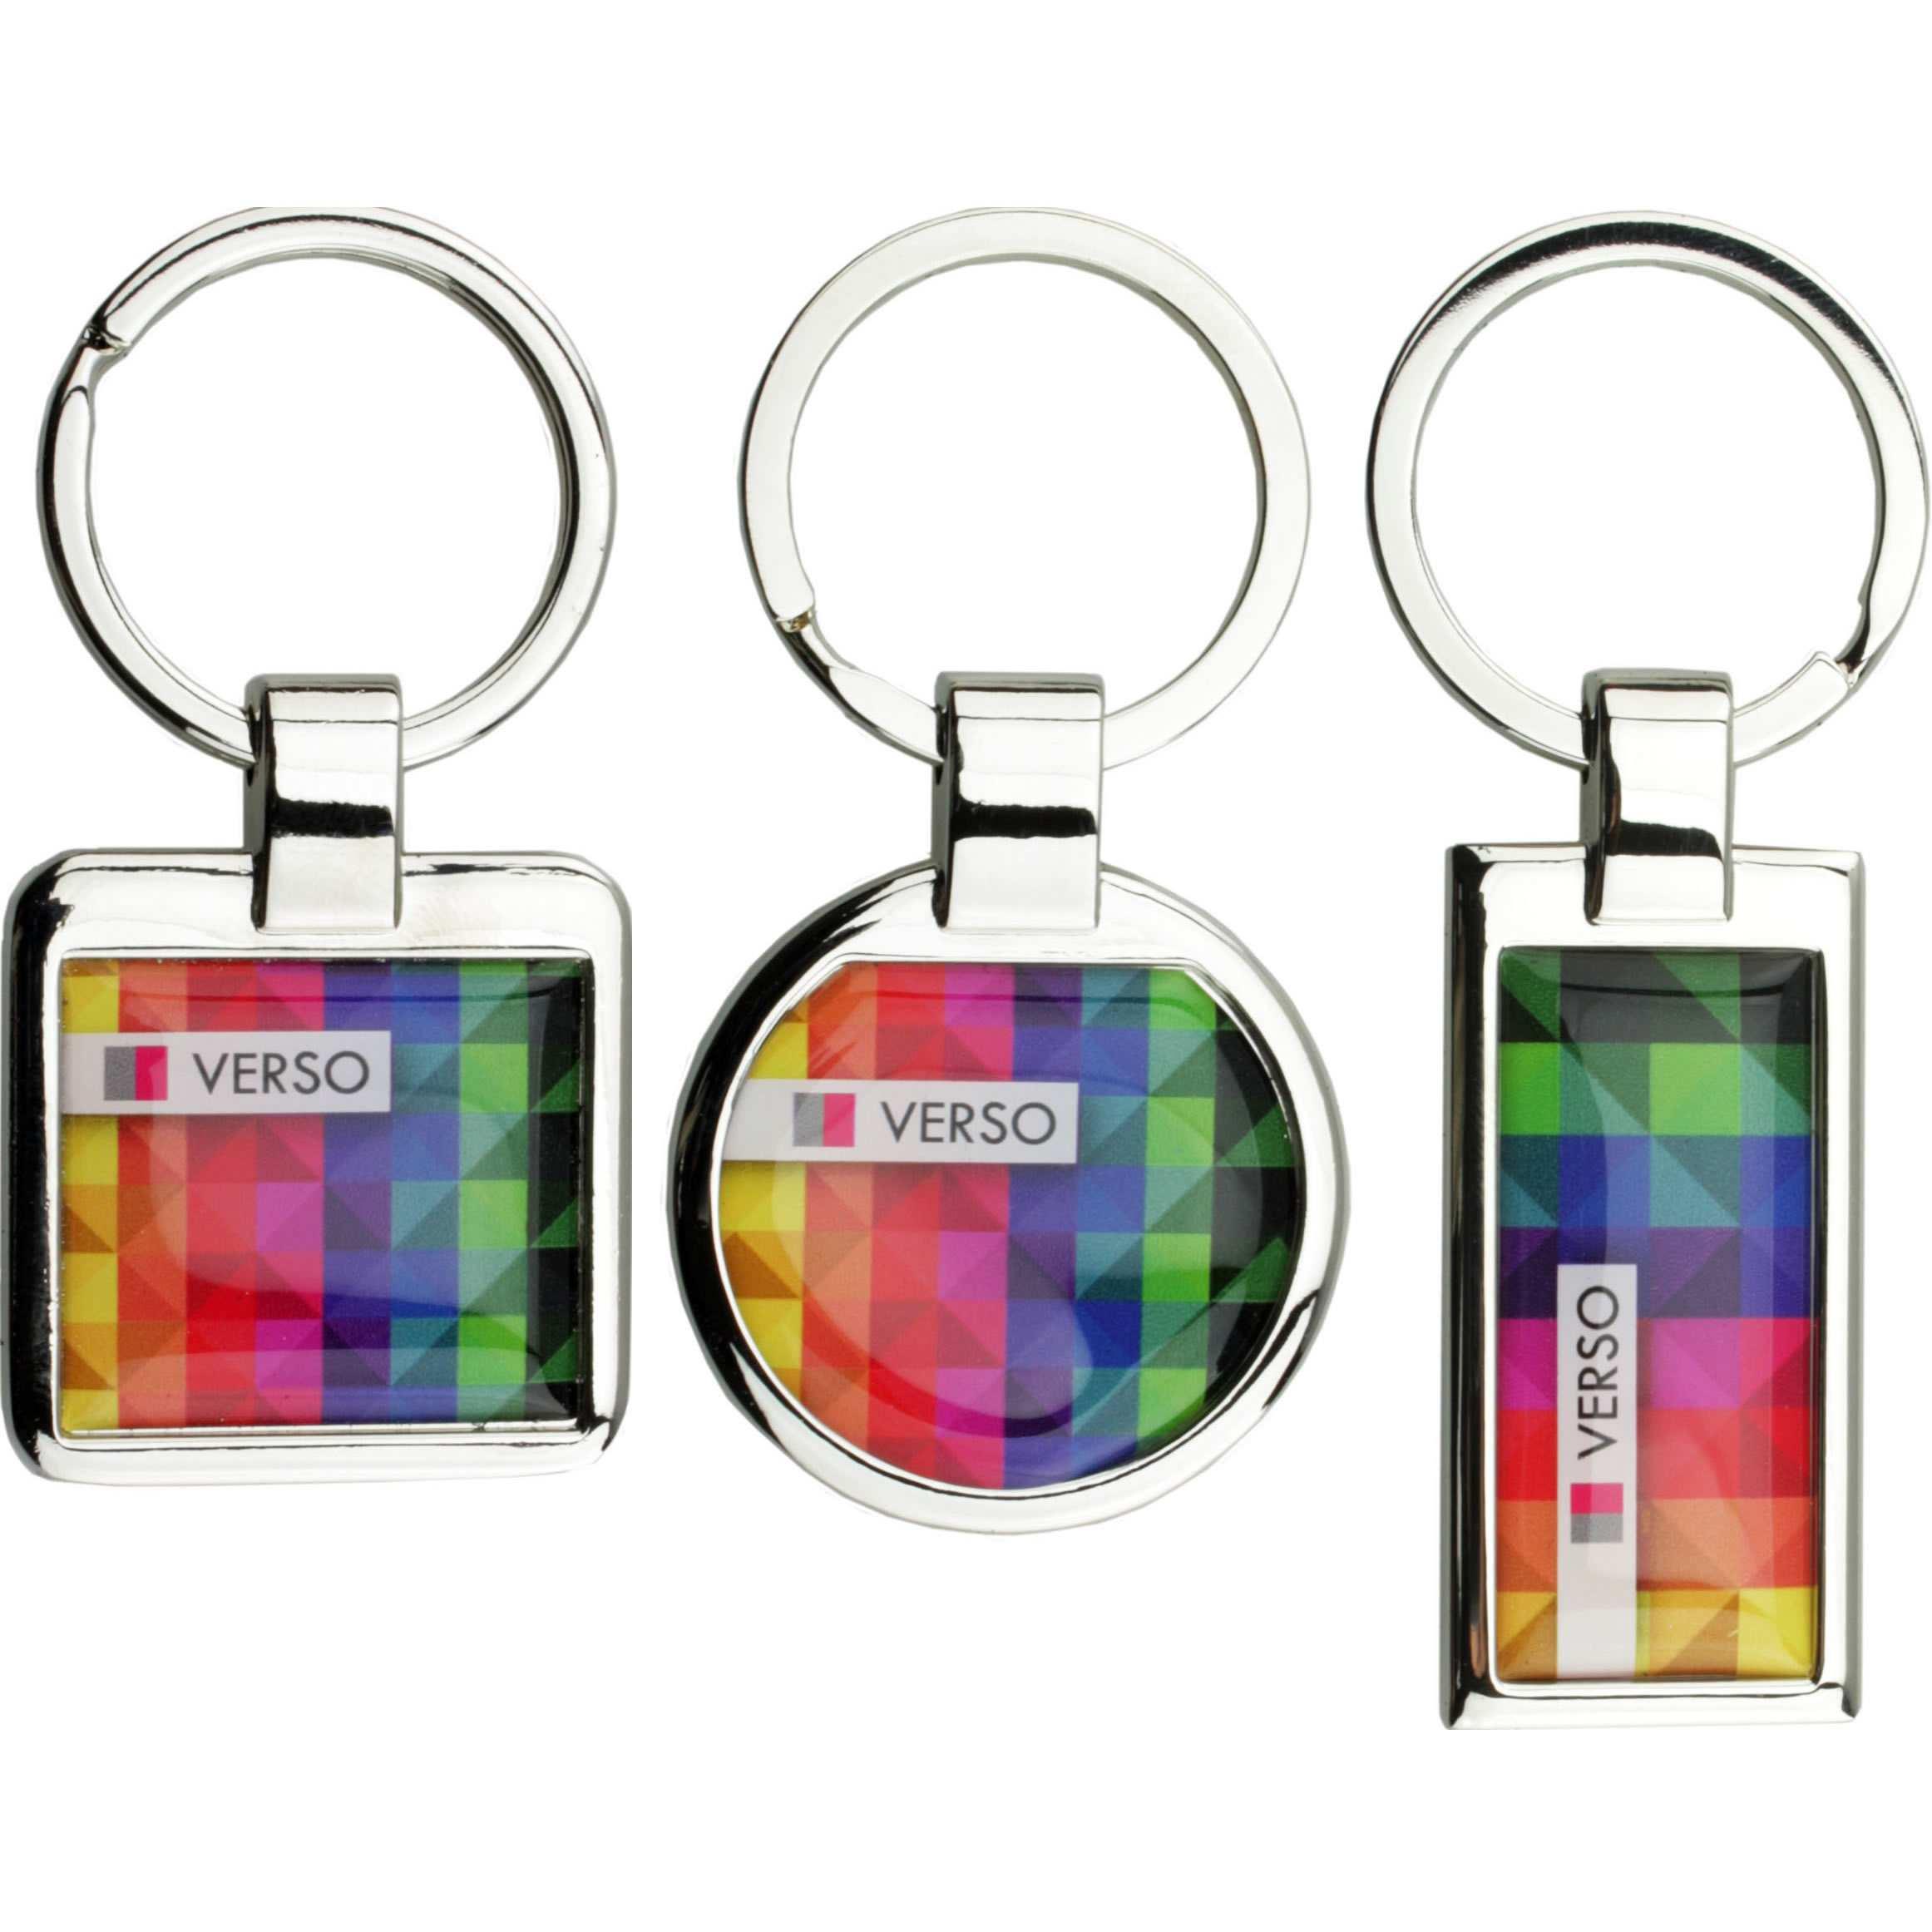 Porte-clés publicitaire Verso - porte-clés personnalisable